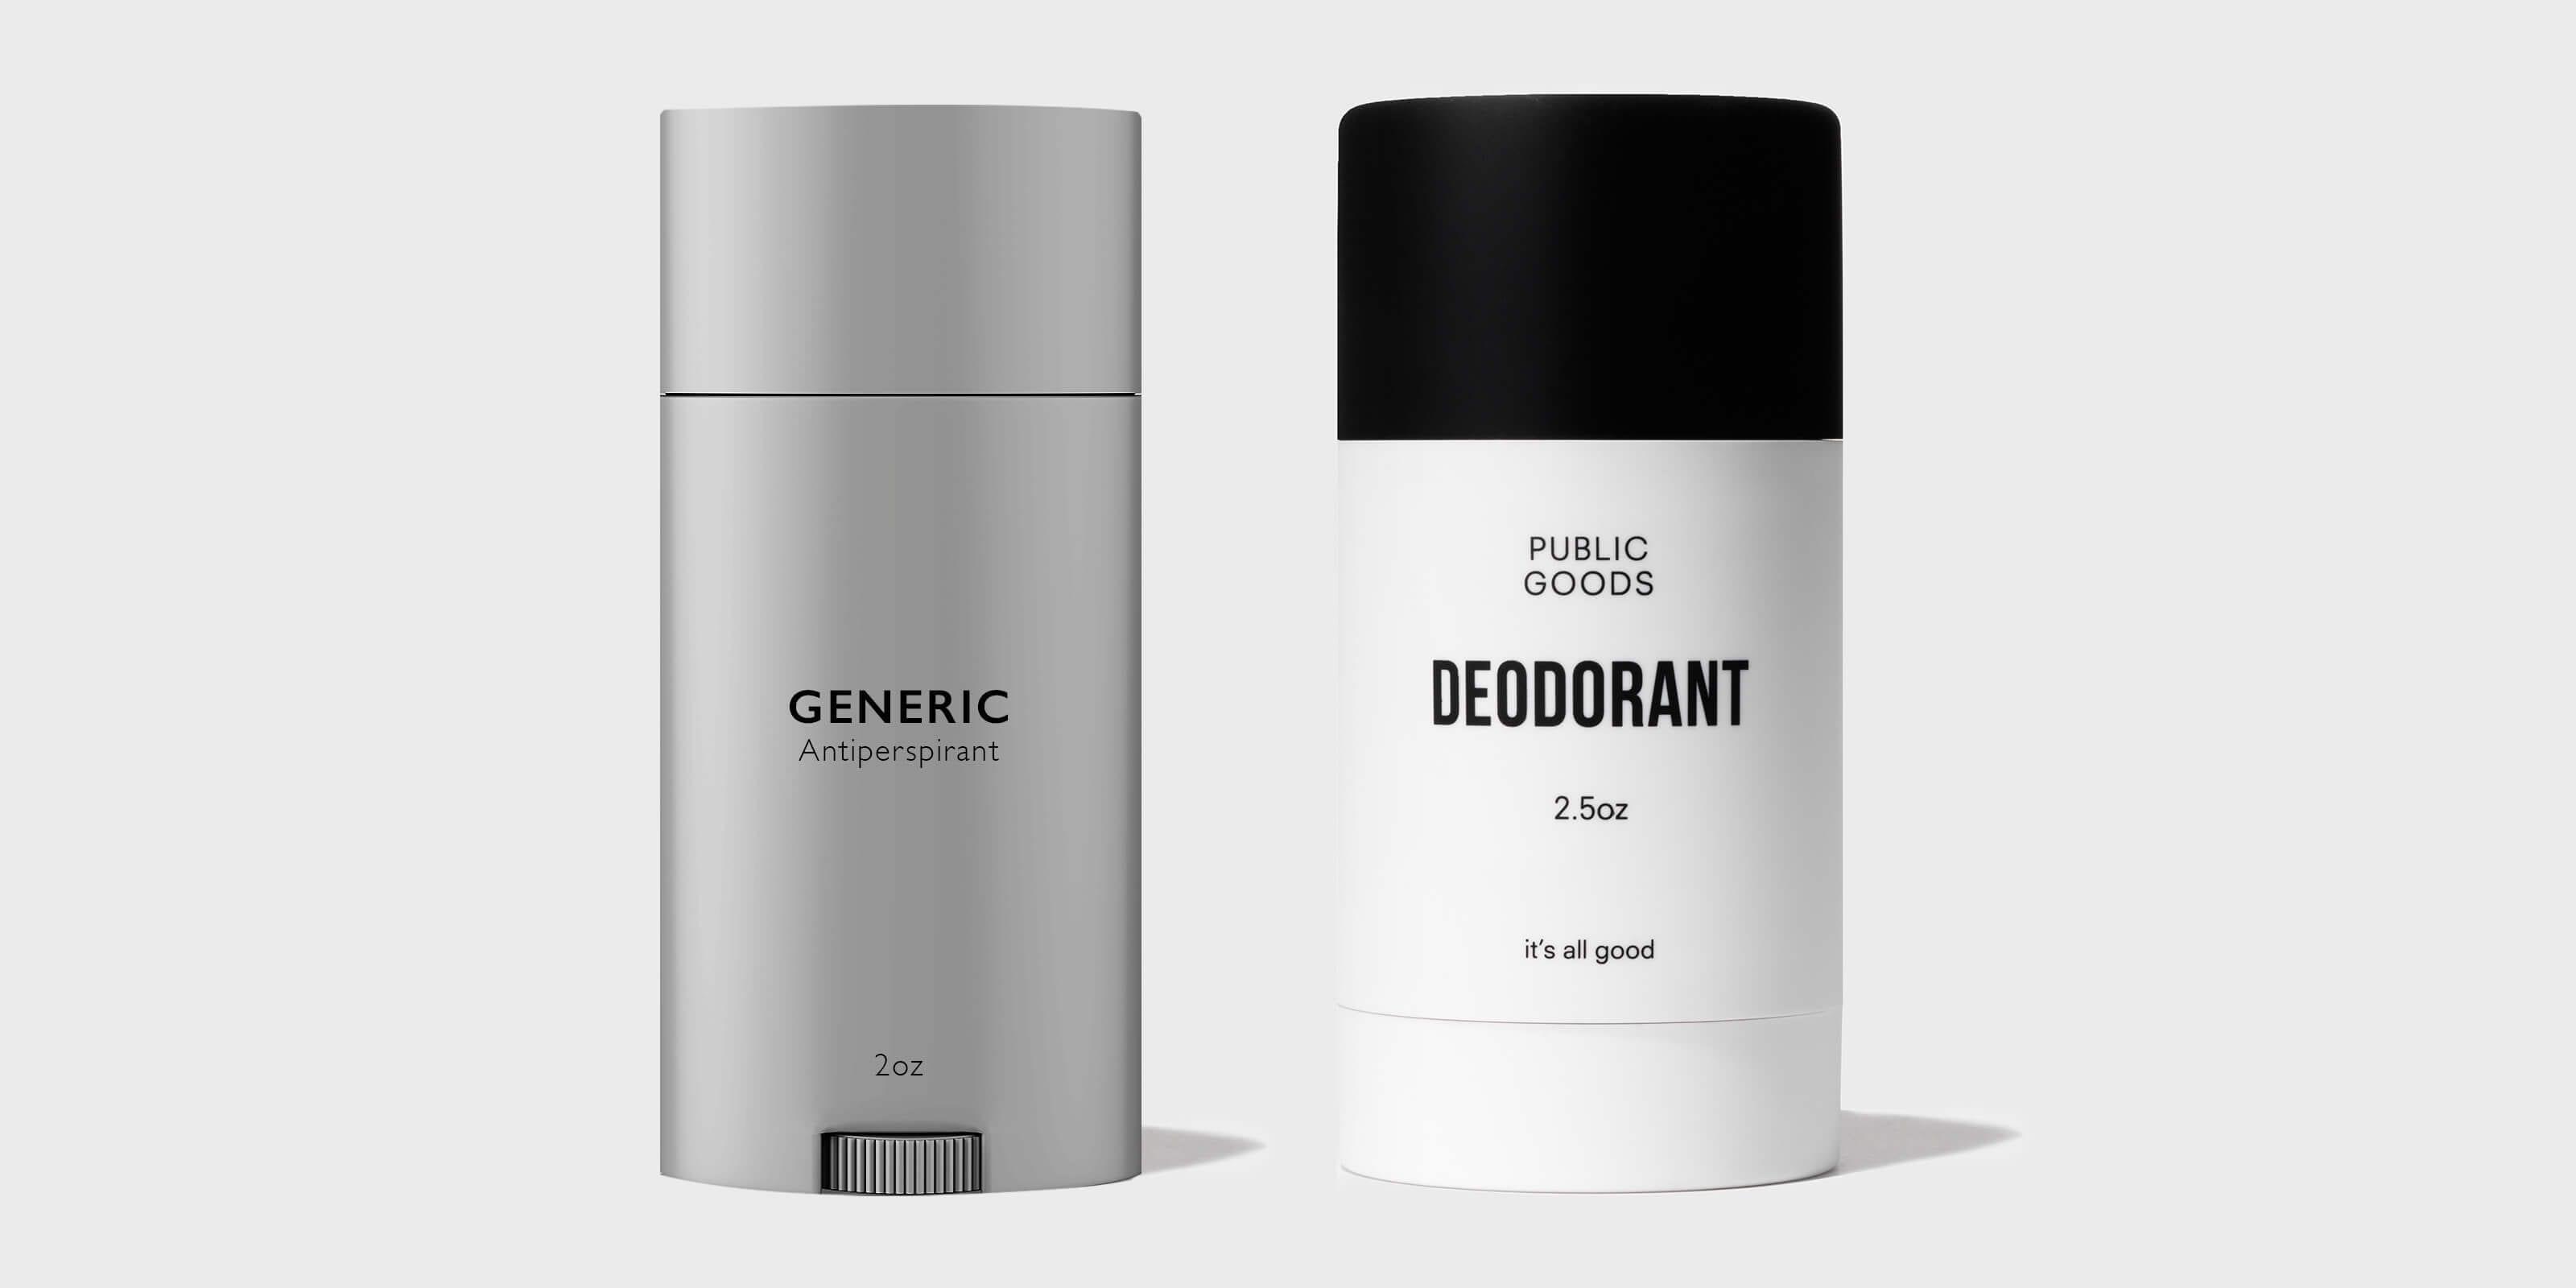 generic antiperspirant, public goods deodorant